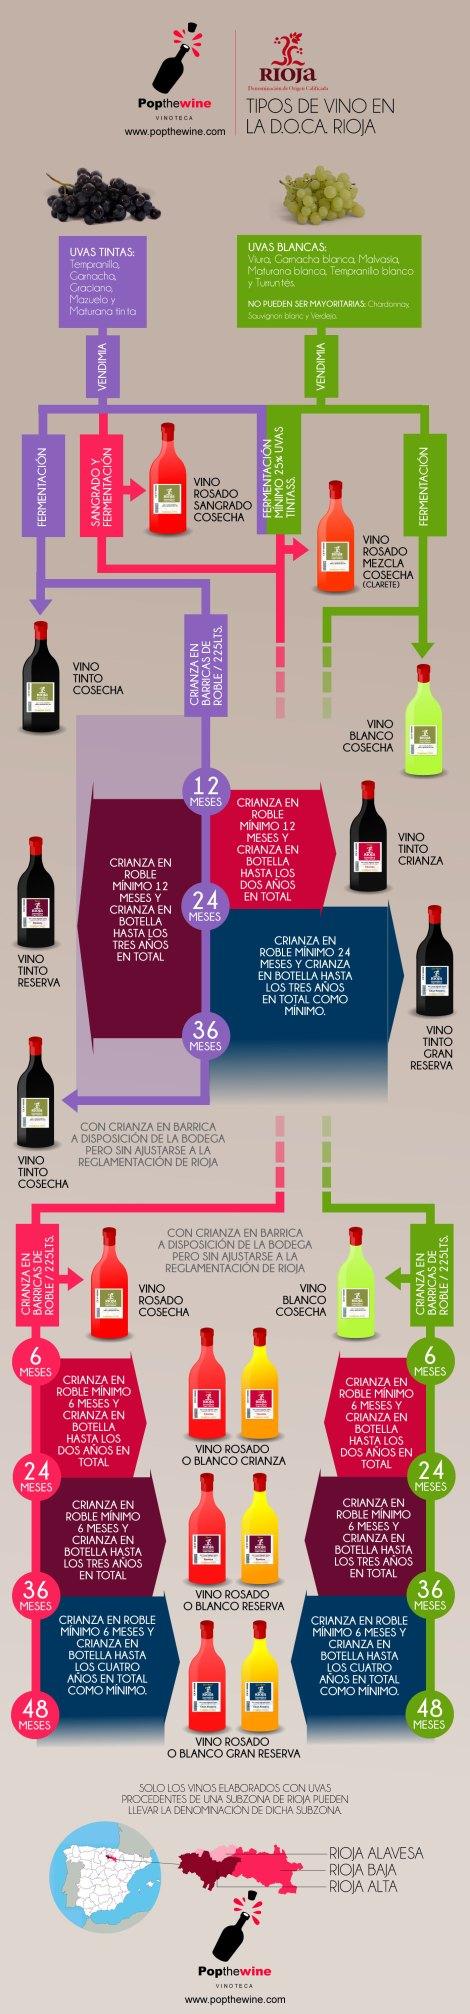 Infografía Clasificación vinos D.O.Ca. Rioja